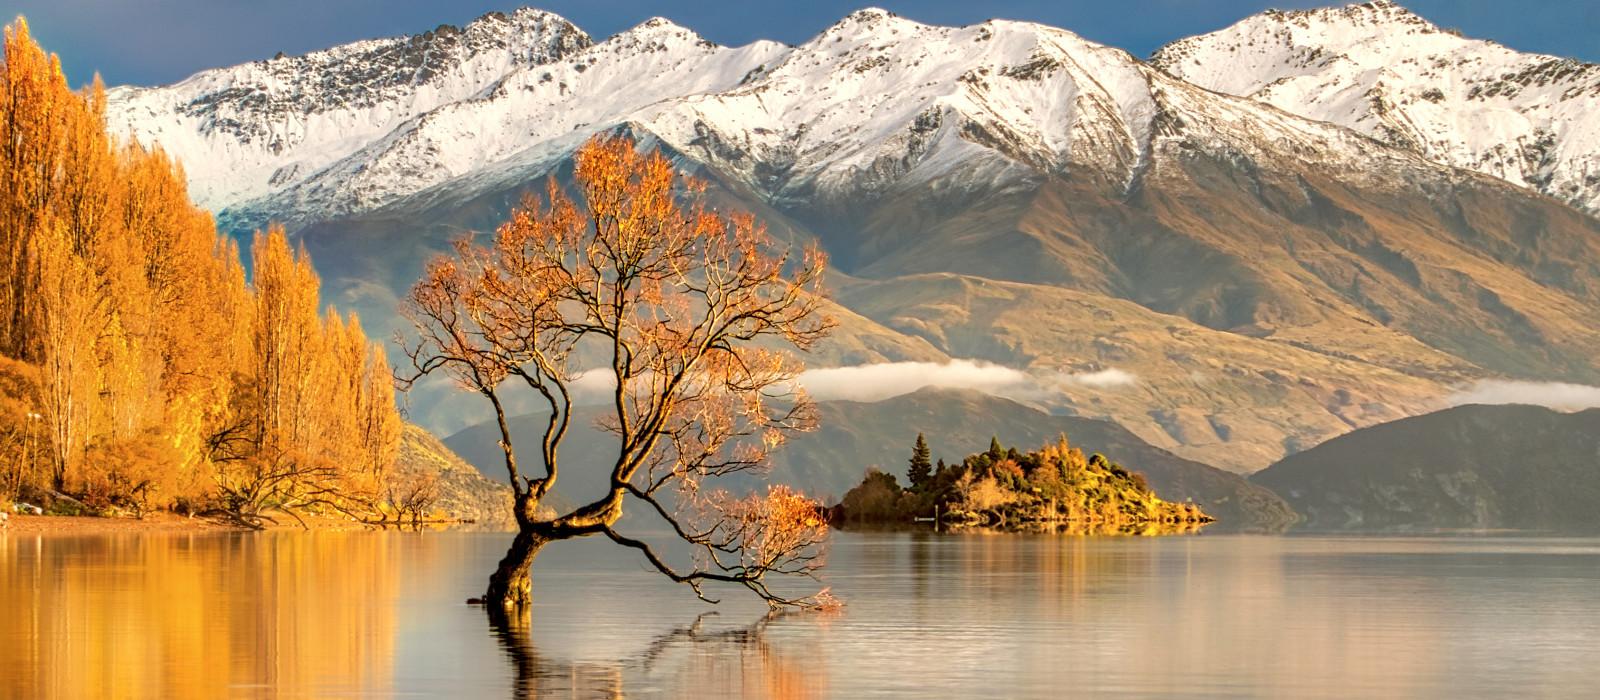 Neuseeland Roadtrip – Naturwunder, Wein und Strand Urlaub 1